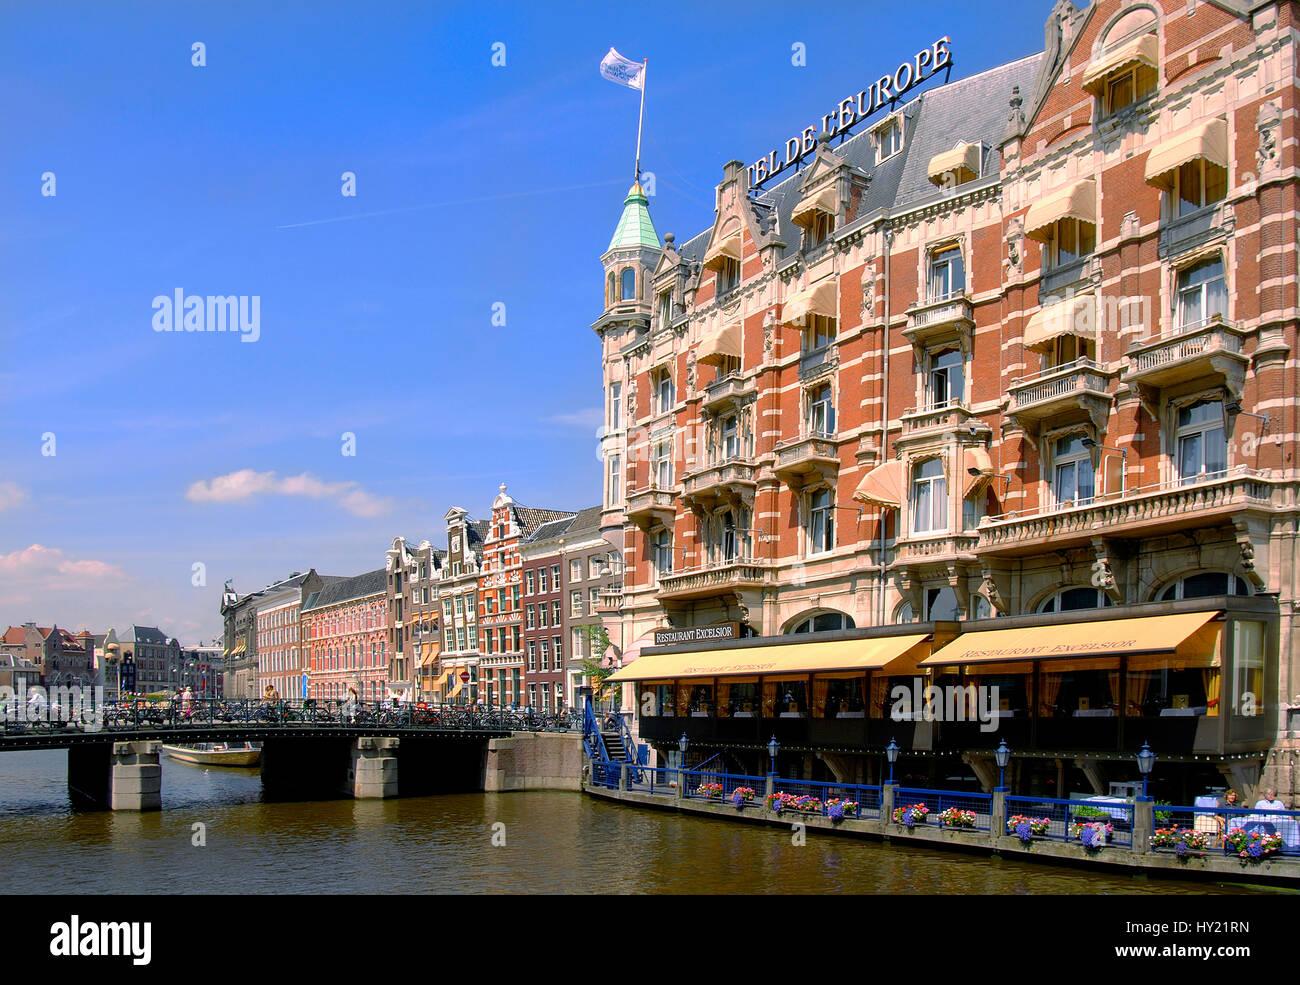 Image de l'Hôtel de l'Europe dans le centre-ville d'Amsterdam, Hollande. Banque D'Images